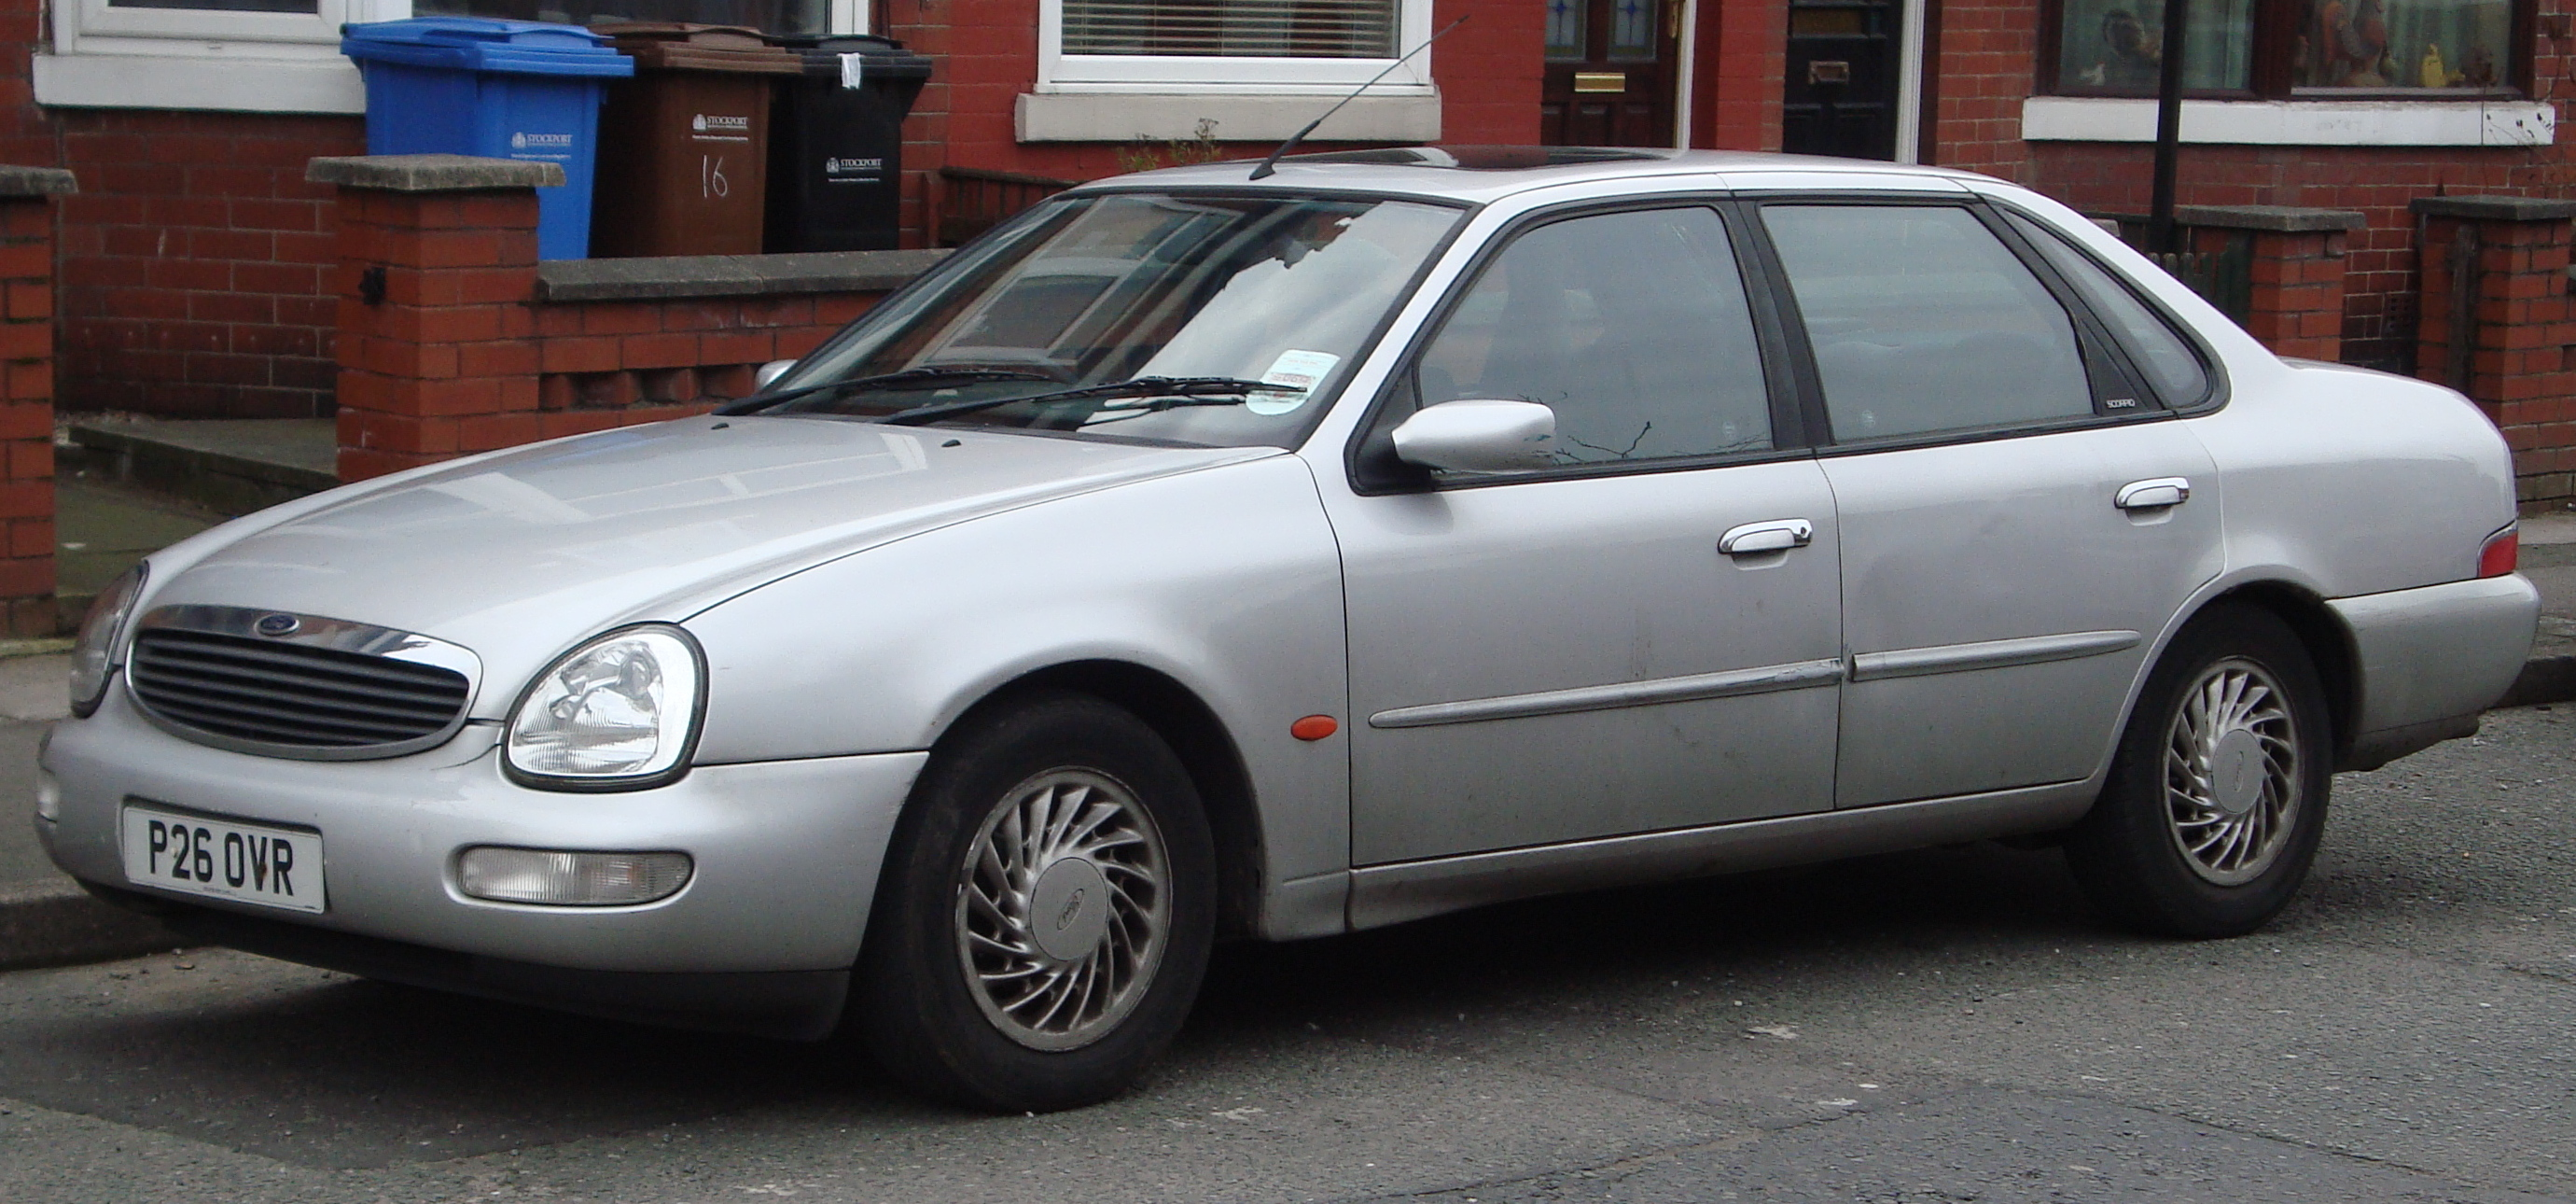 Scorpio Car New Model